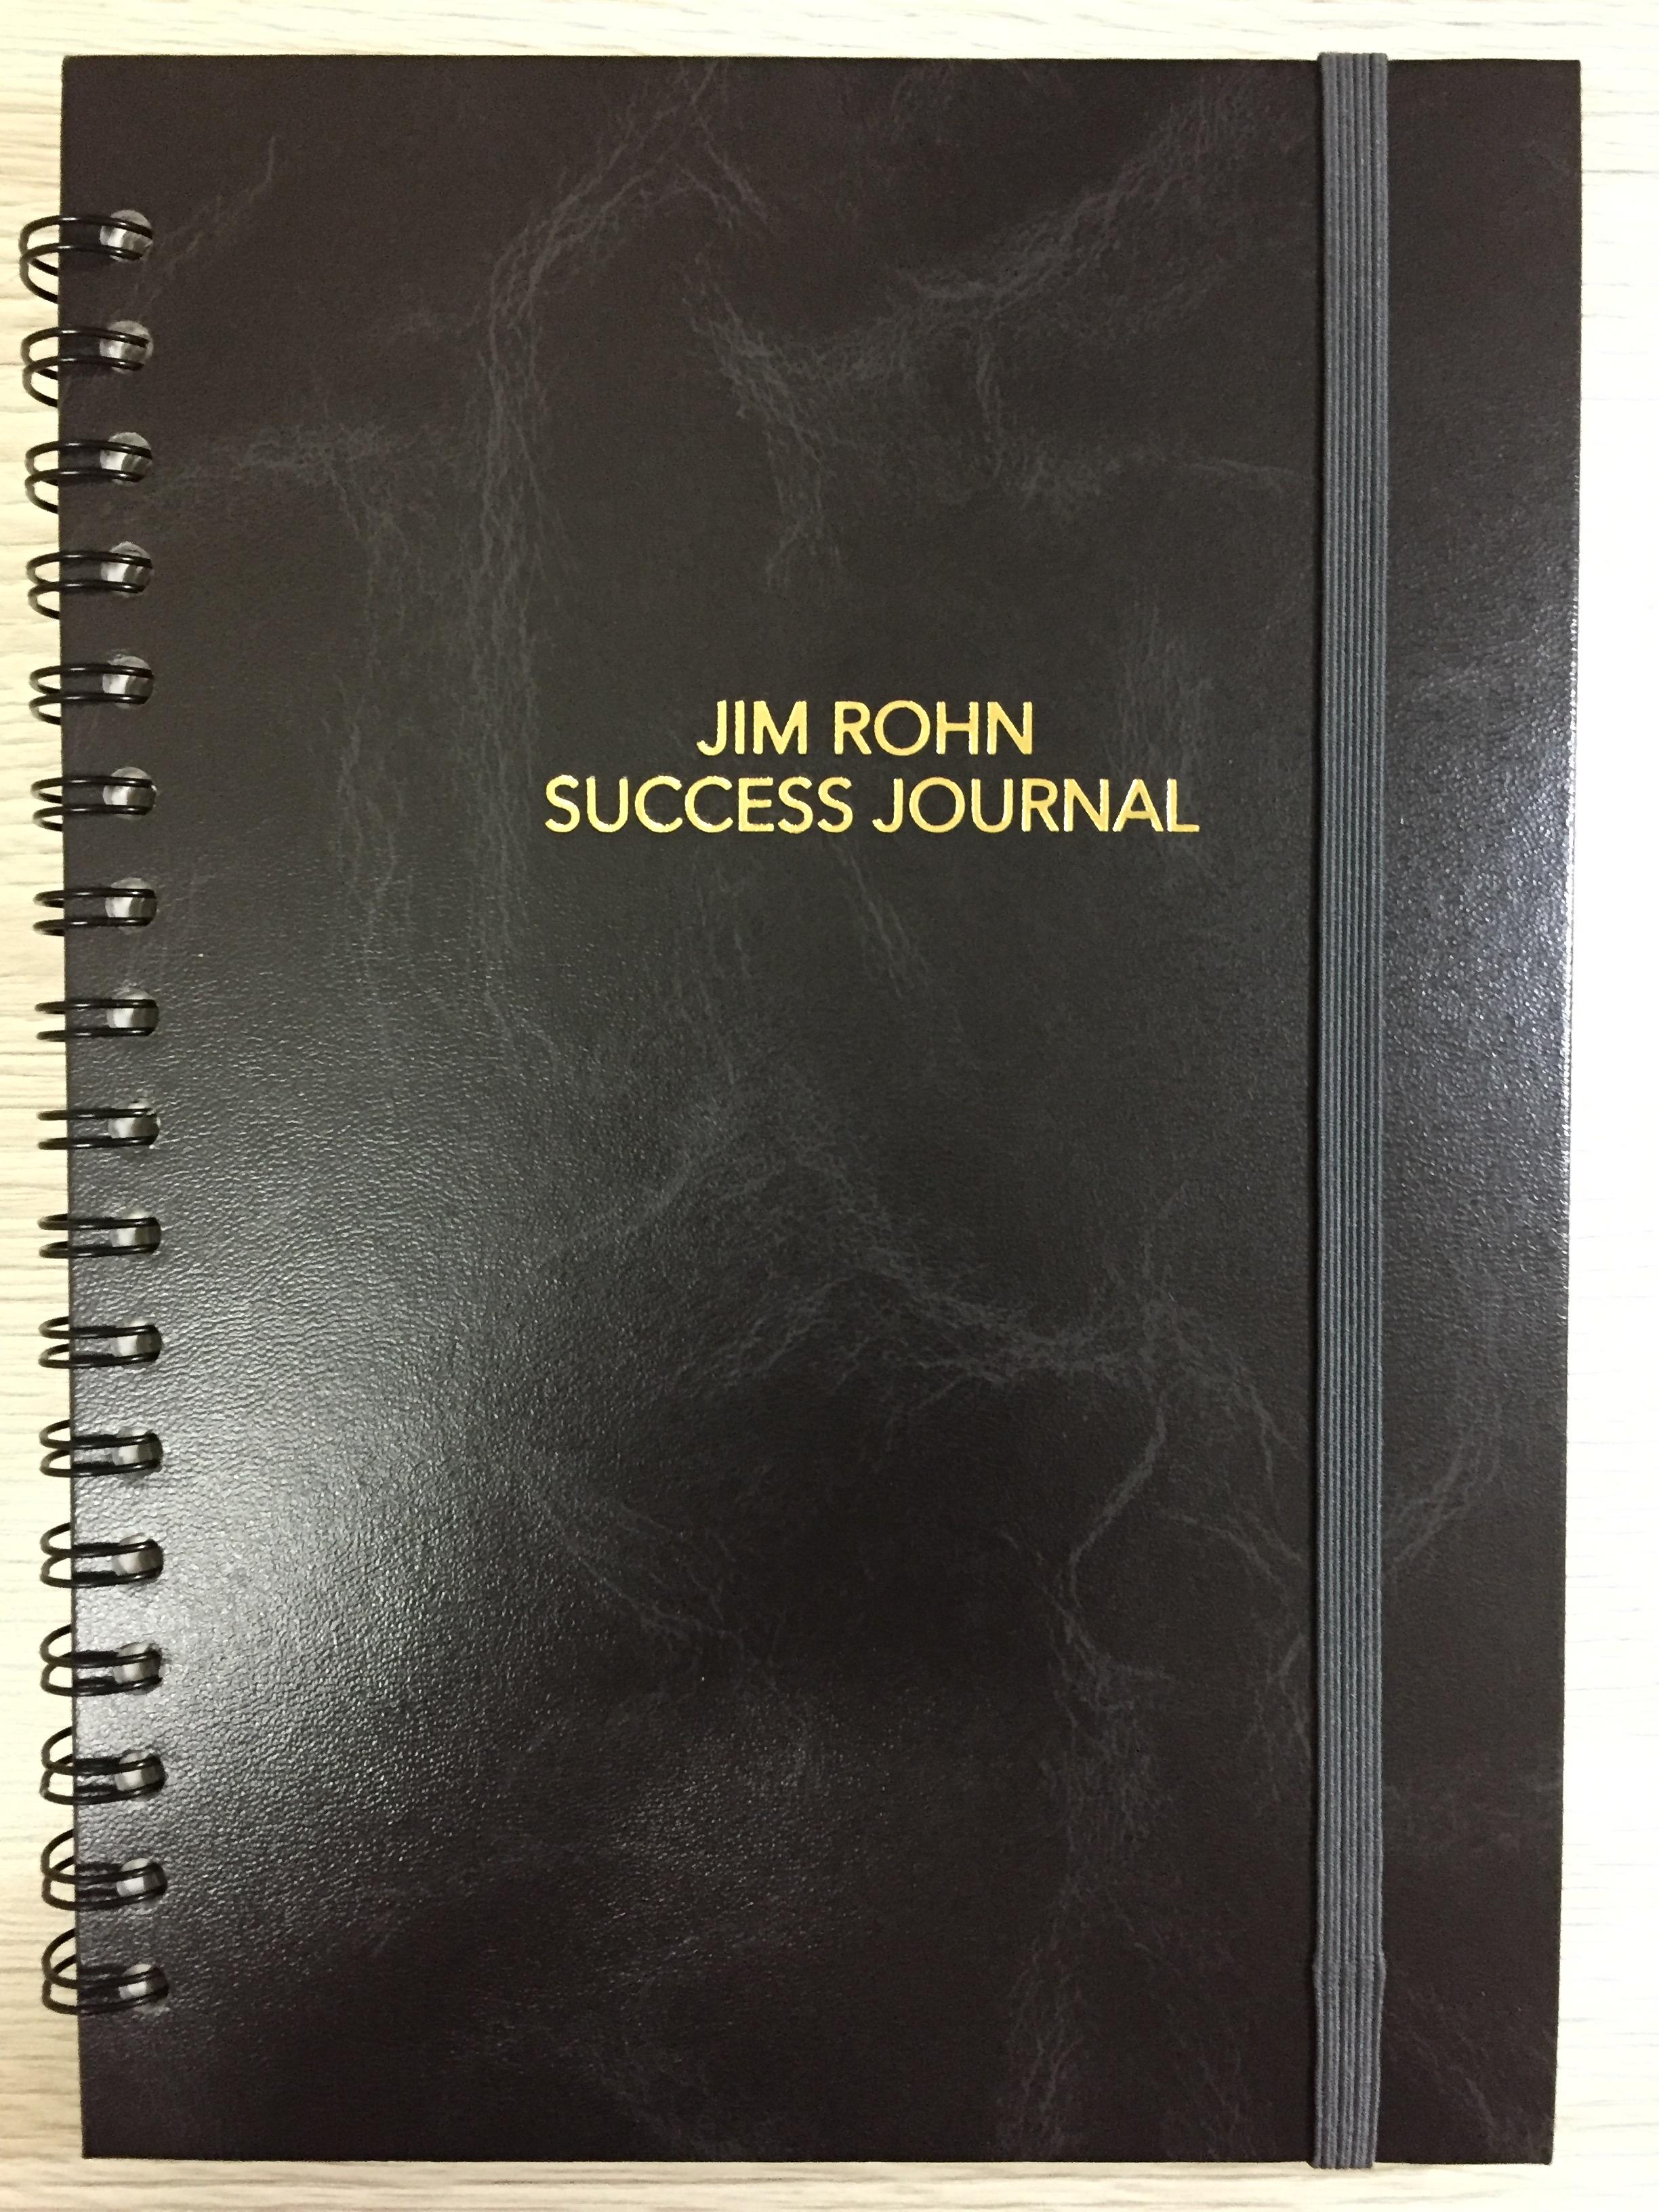 Jim Rohn - Nhật ký thành công